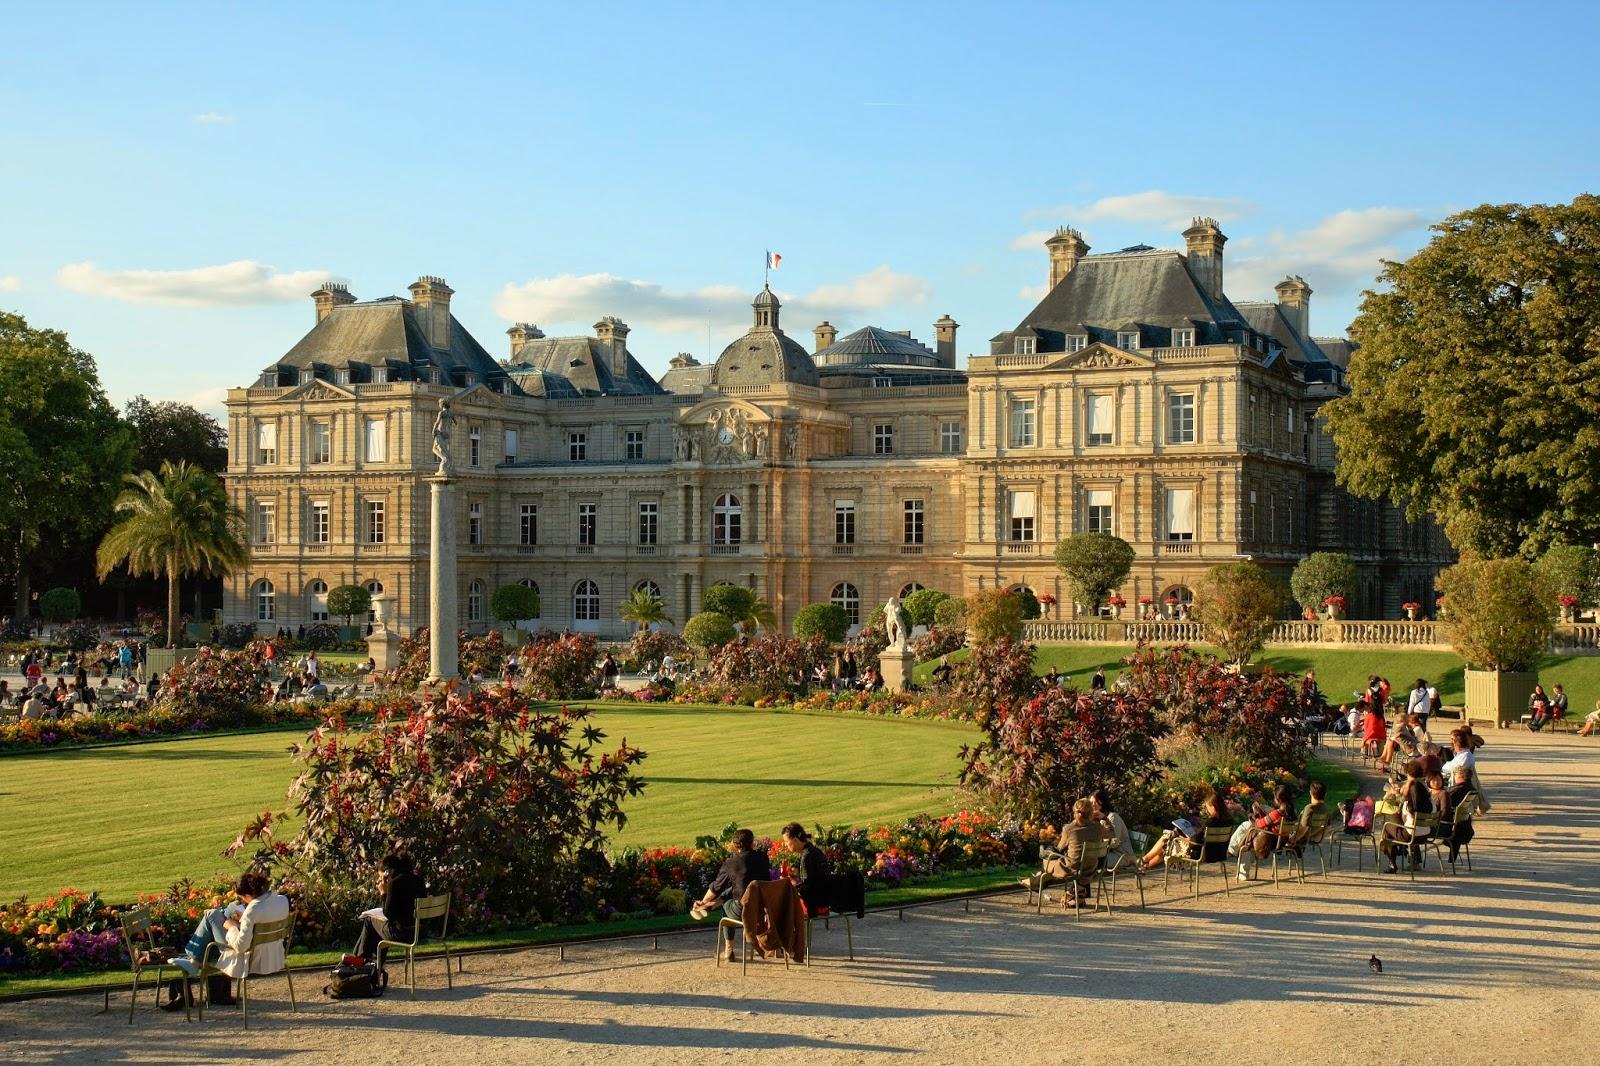 """<img src=""""http://1.bp.blogspot.com/-i3nqhfsJ2Yc/U5ibyR0qrGI/AAAAAAAAAOc/i3QB5SWVNbY/s1600/Luxembourg.JPG"""" alt=""""Richest Countries in the World"""" />"""